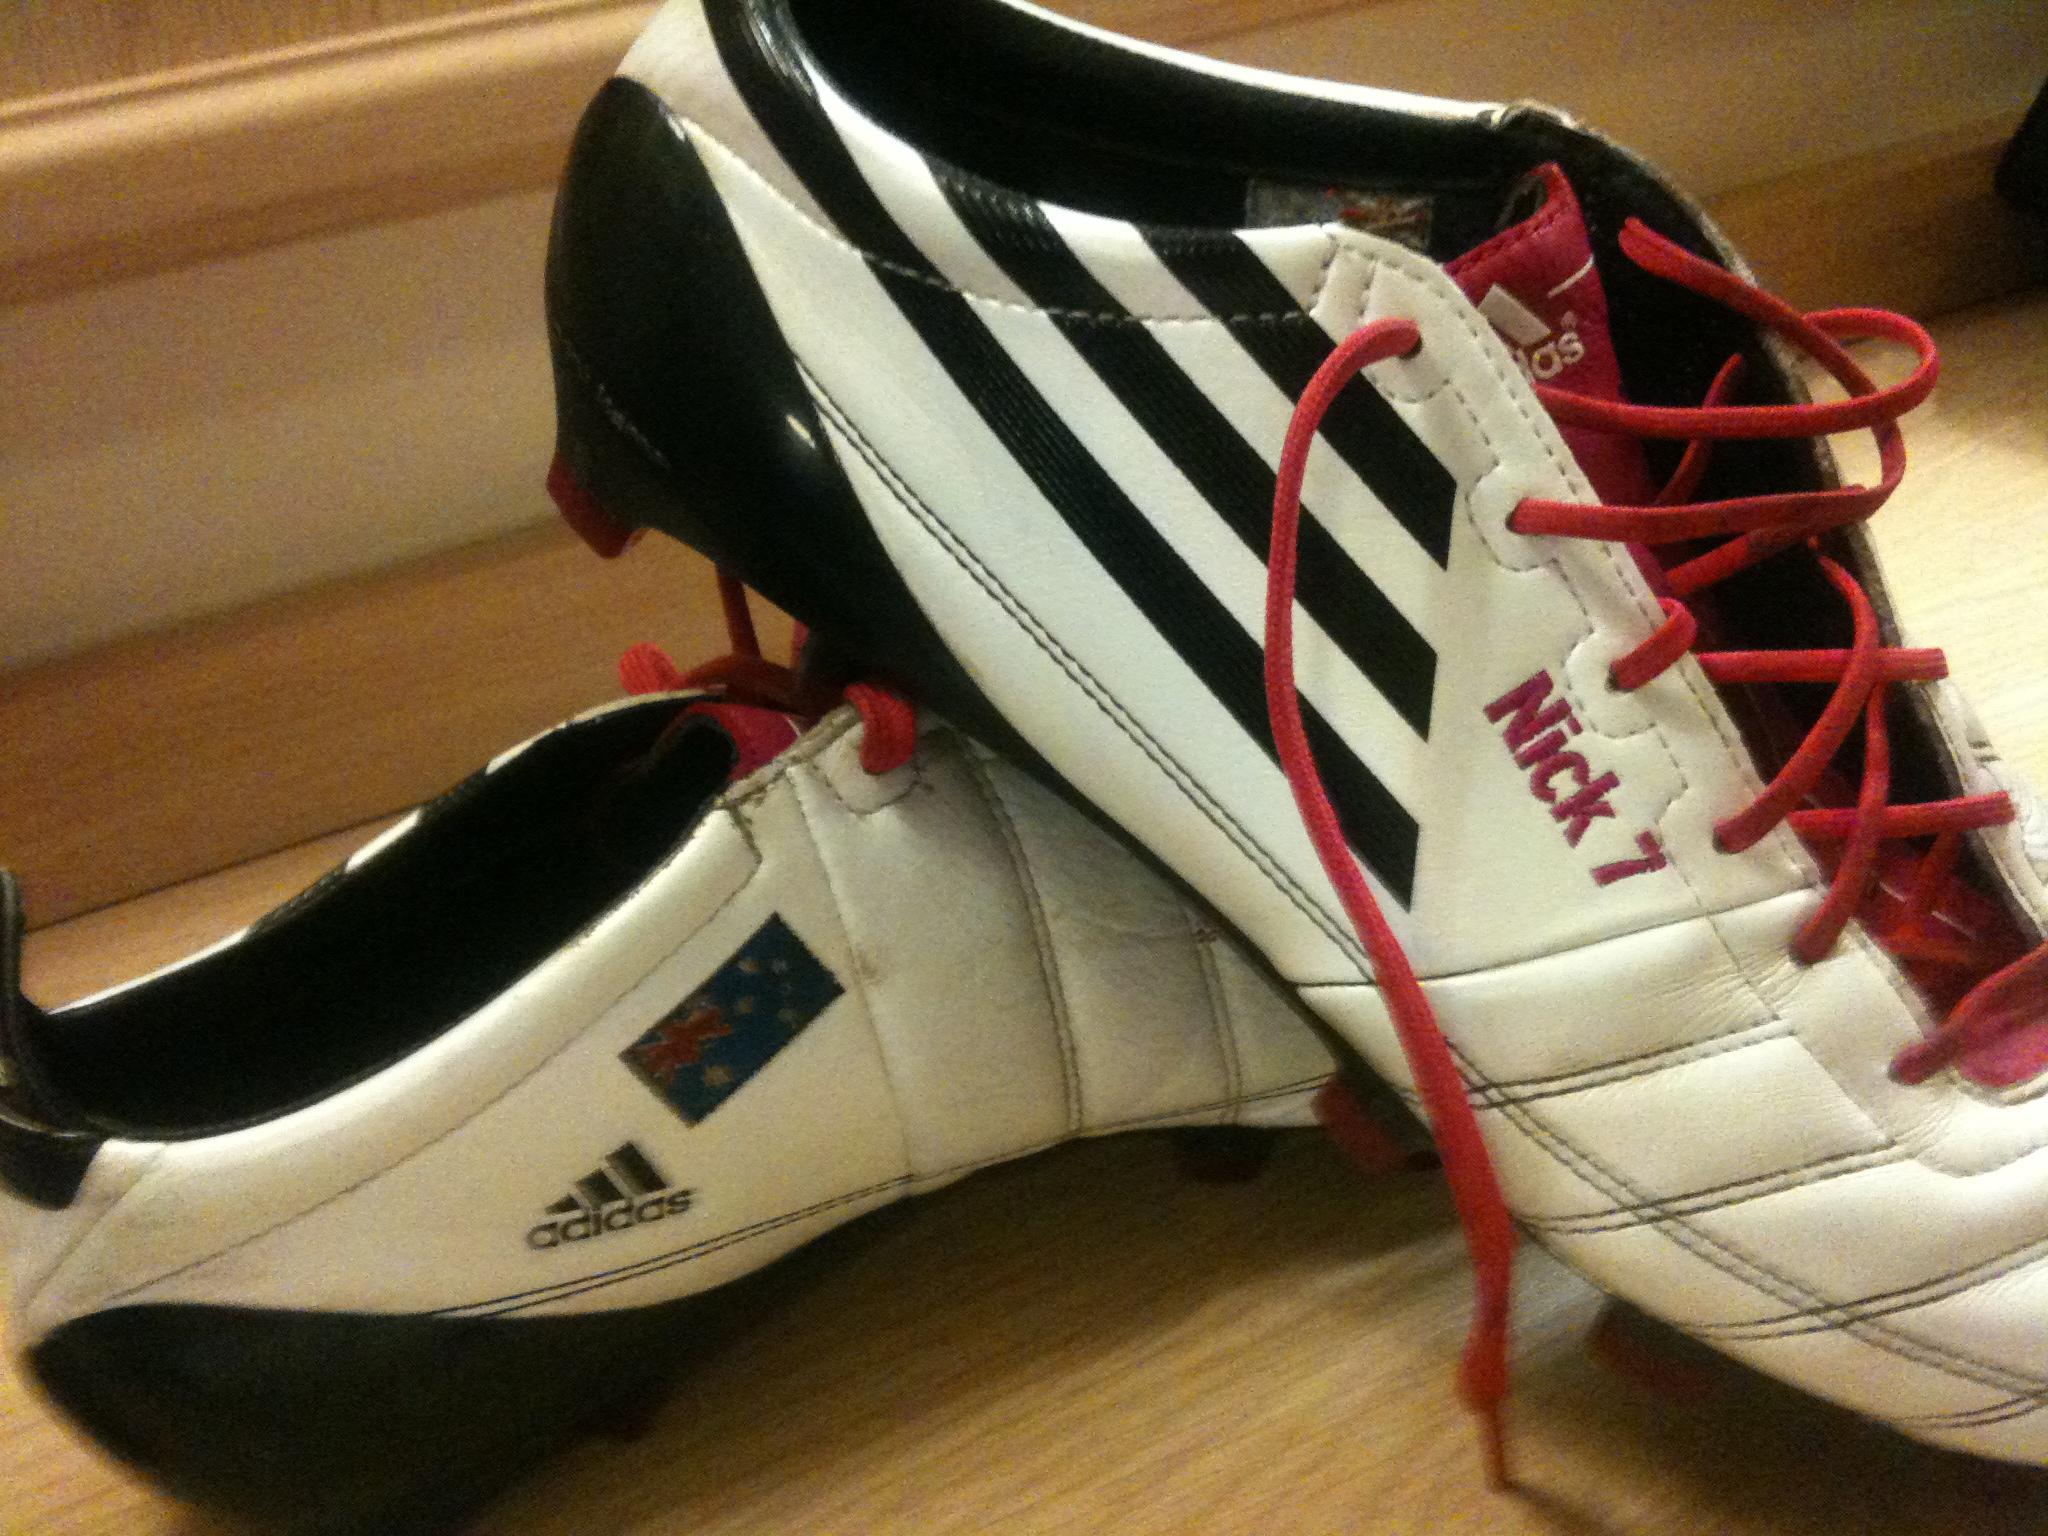 my Adidas Adizeros